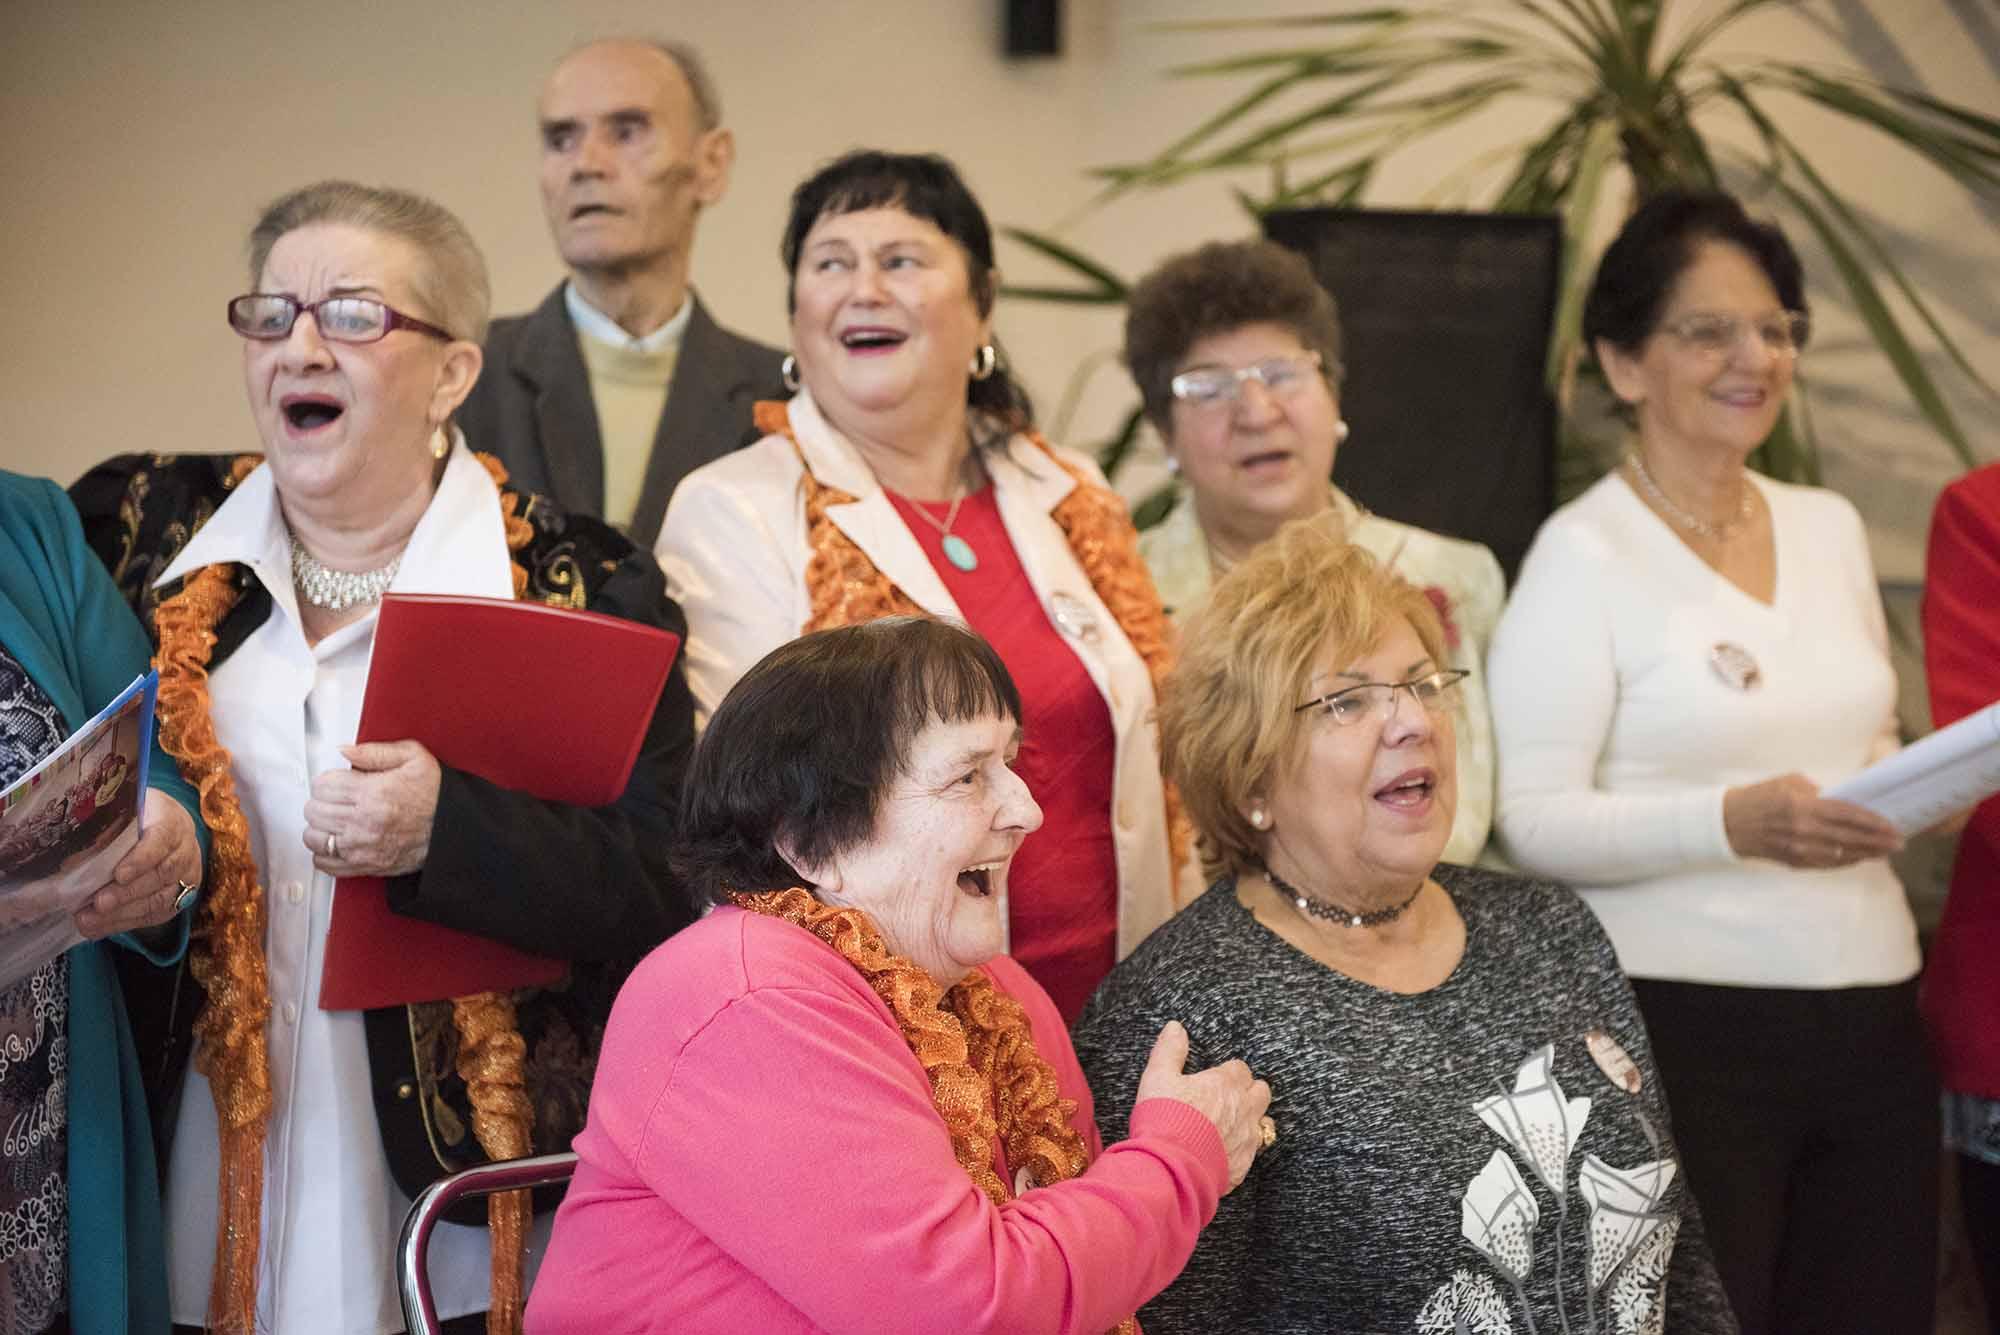 Członkowie zespołu czerpią niezwykłą radość i energię, widząc zadowolenie i zaangażowanie ze strony publiczności. Nie obeszło się bez bisu.